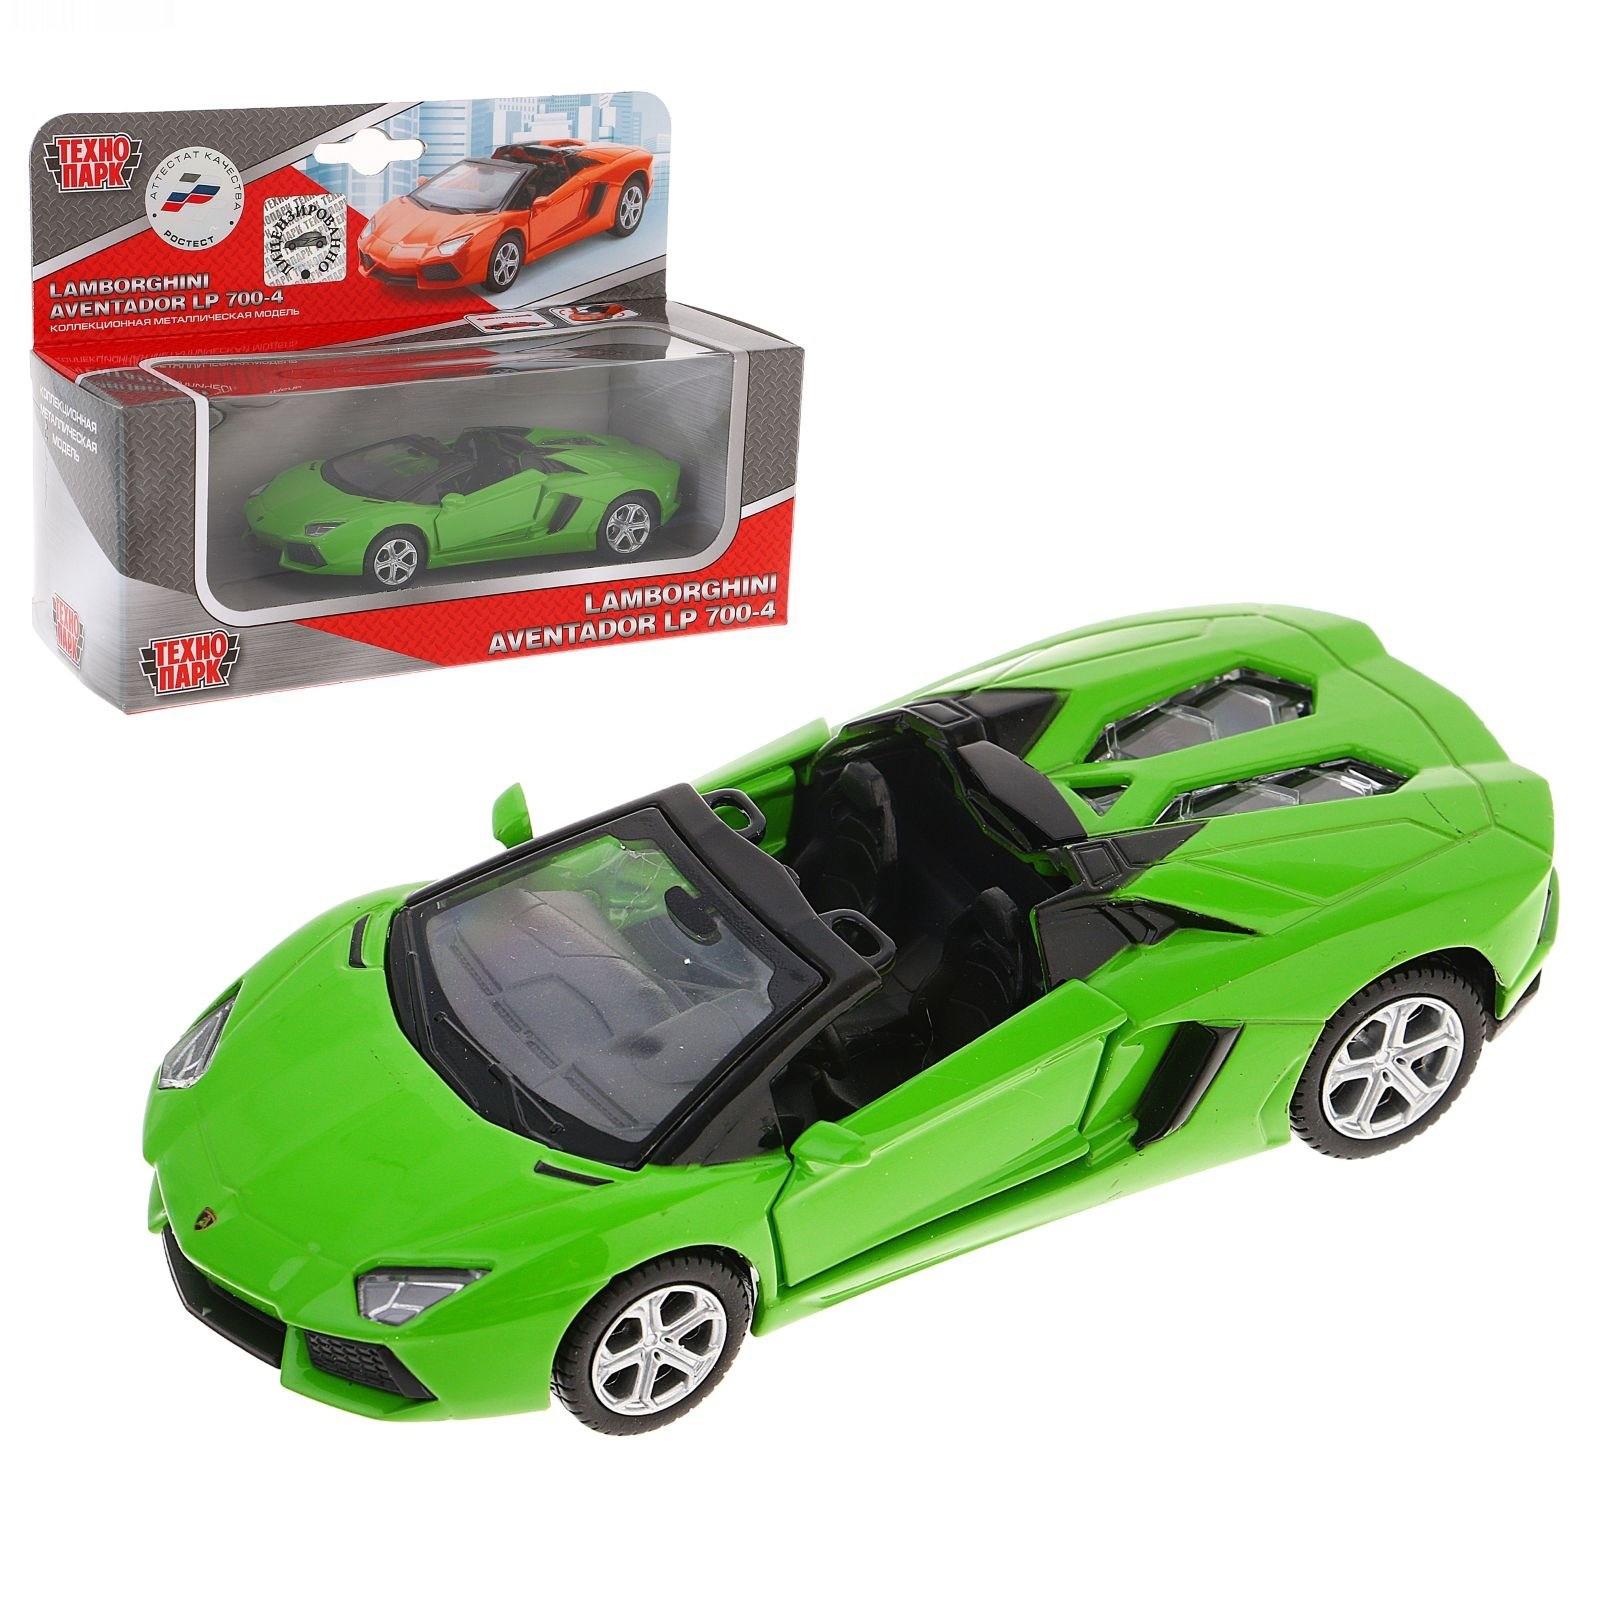 Машина металлическая инерционная - Lamborghini Aventador Lp 700-4 RoadsterLamborghini<br>Машина металлическая инерционная - Lamborghini Aventador Lp 700-4 Roadster<br>